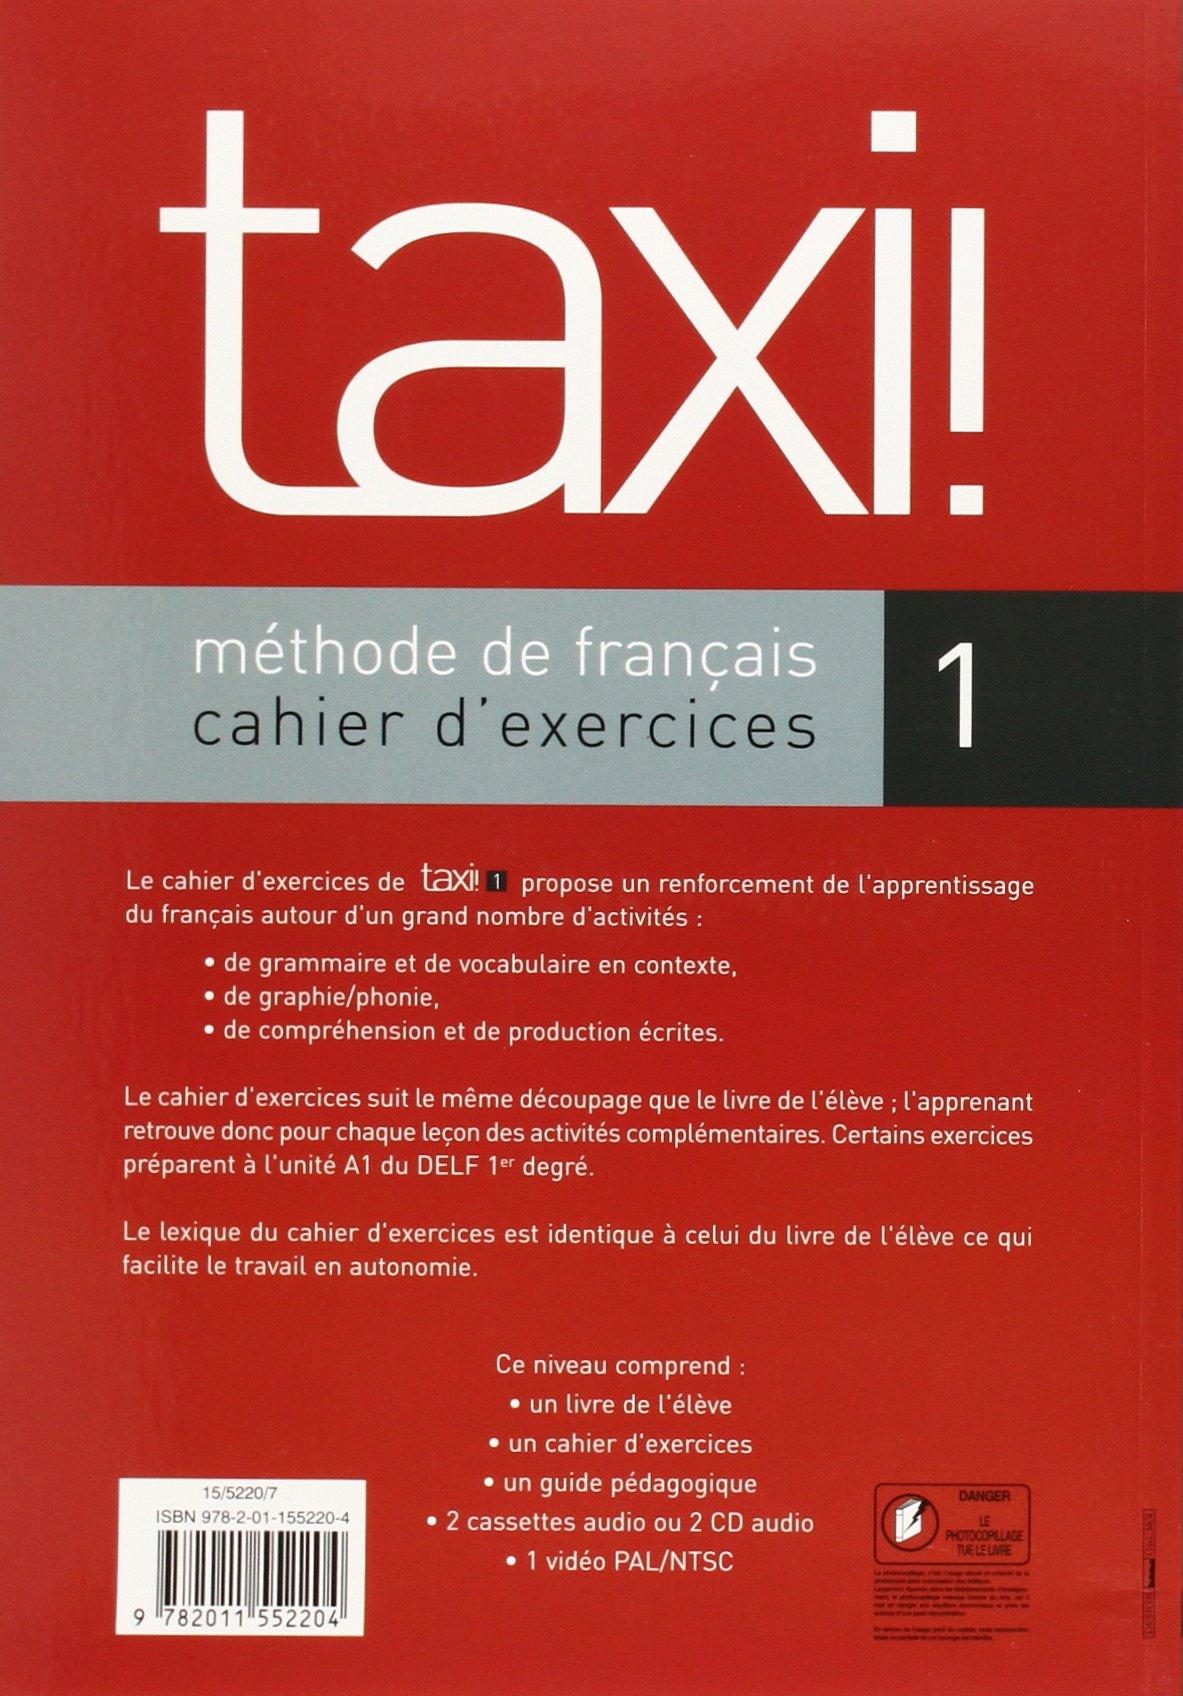 Le nouveau taxi 1 download pdf